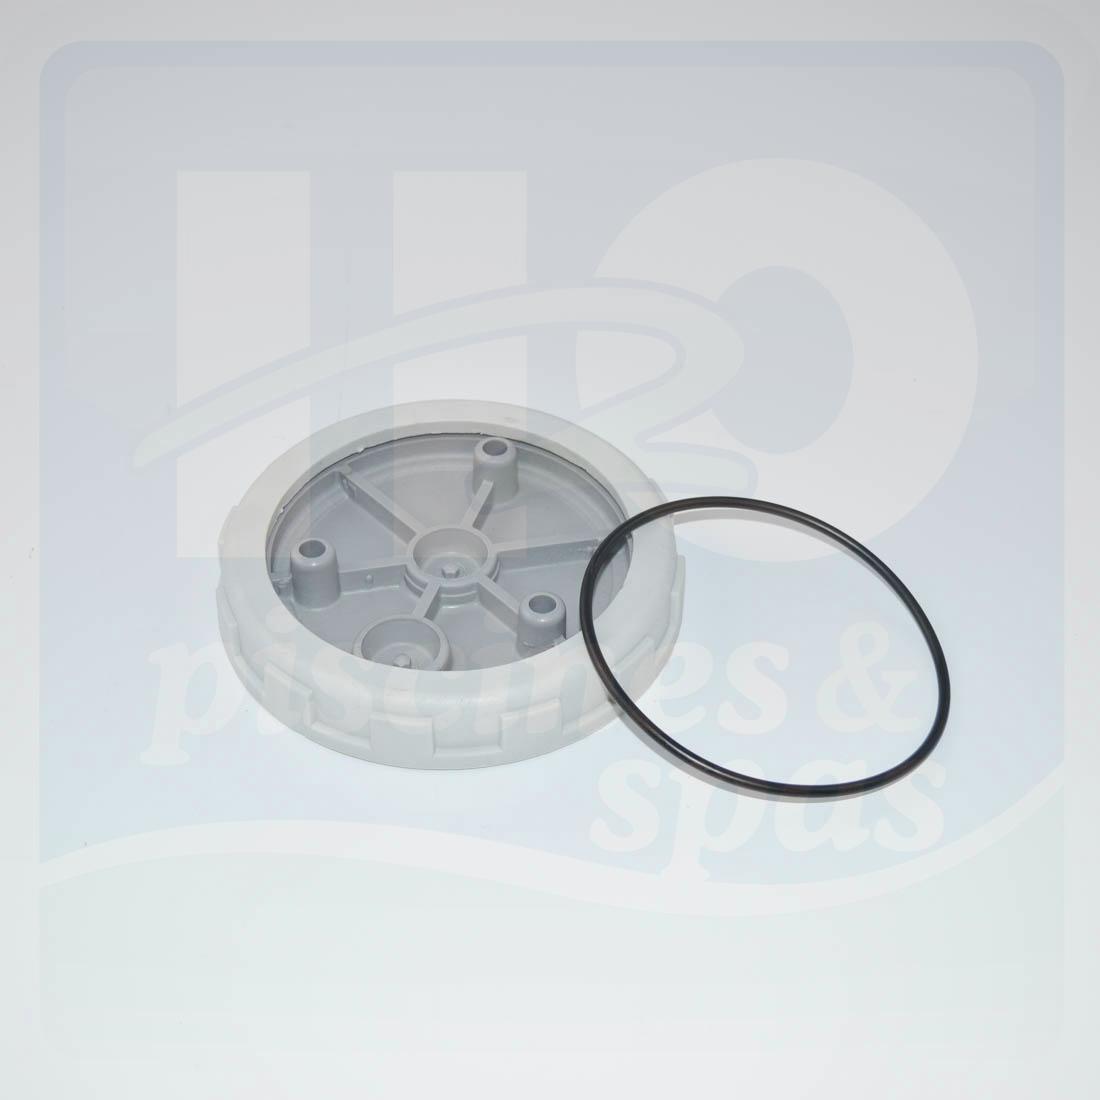 Kit condenseur  eau de pompe  chaleur ZODIAC Optipaq 2  3  4 et Europac plus  H2o Piscines